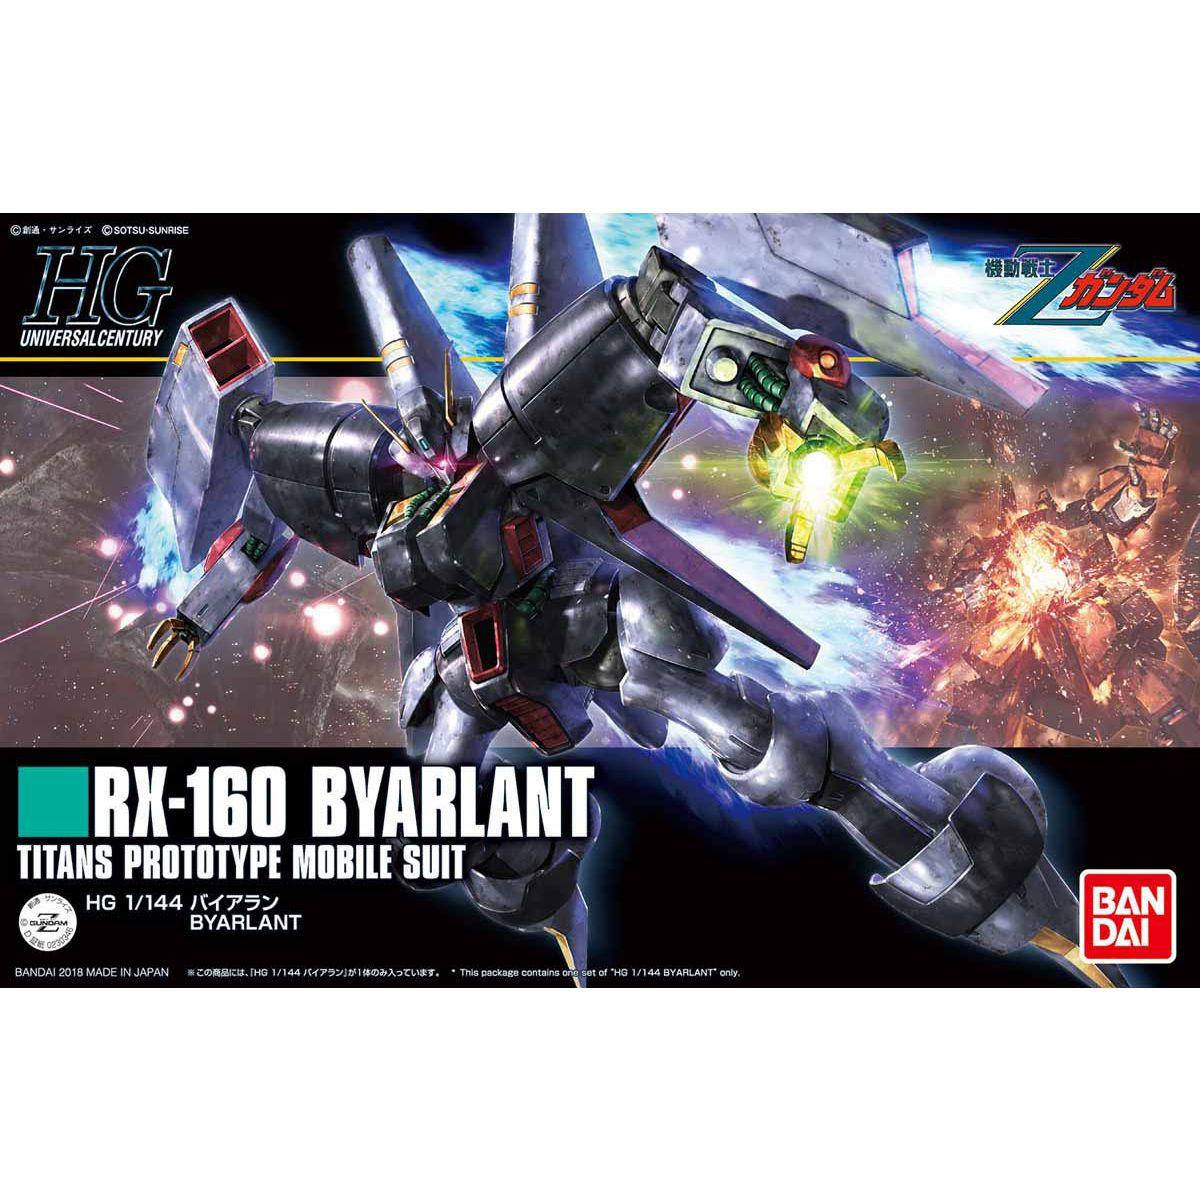 BYARLANT  HG 1/144 Bandai